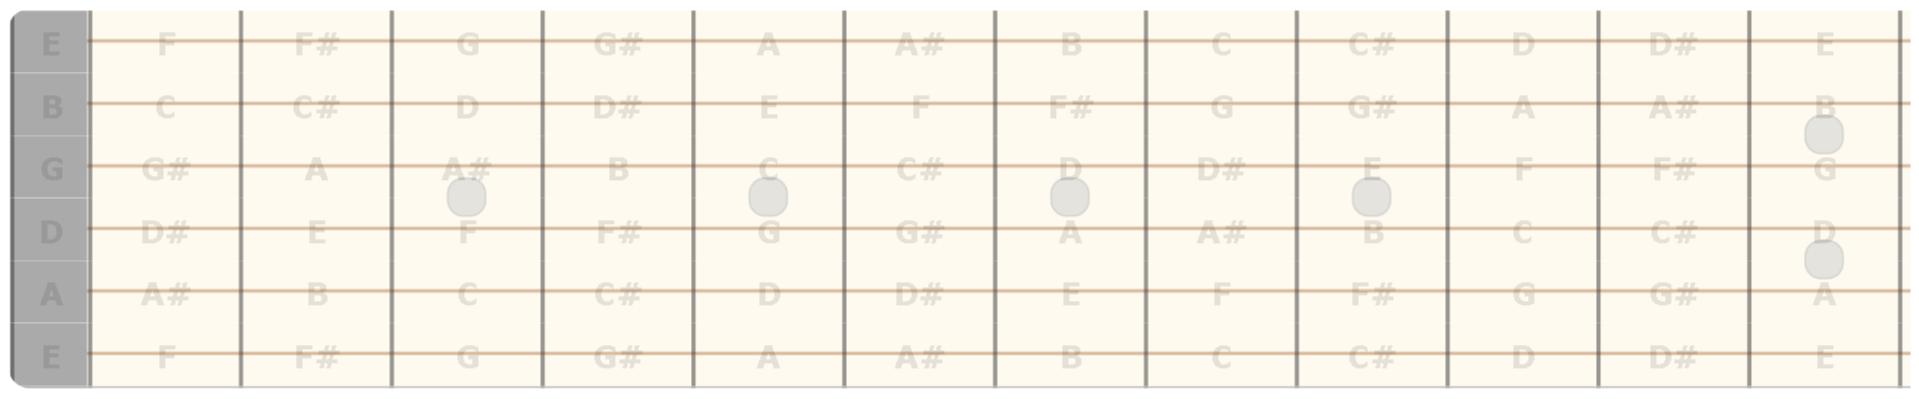 Tutte le note sulla tastiera della chitarra (con diesis)